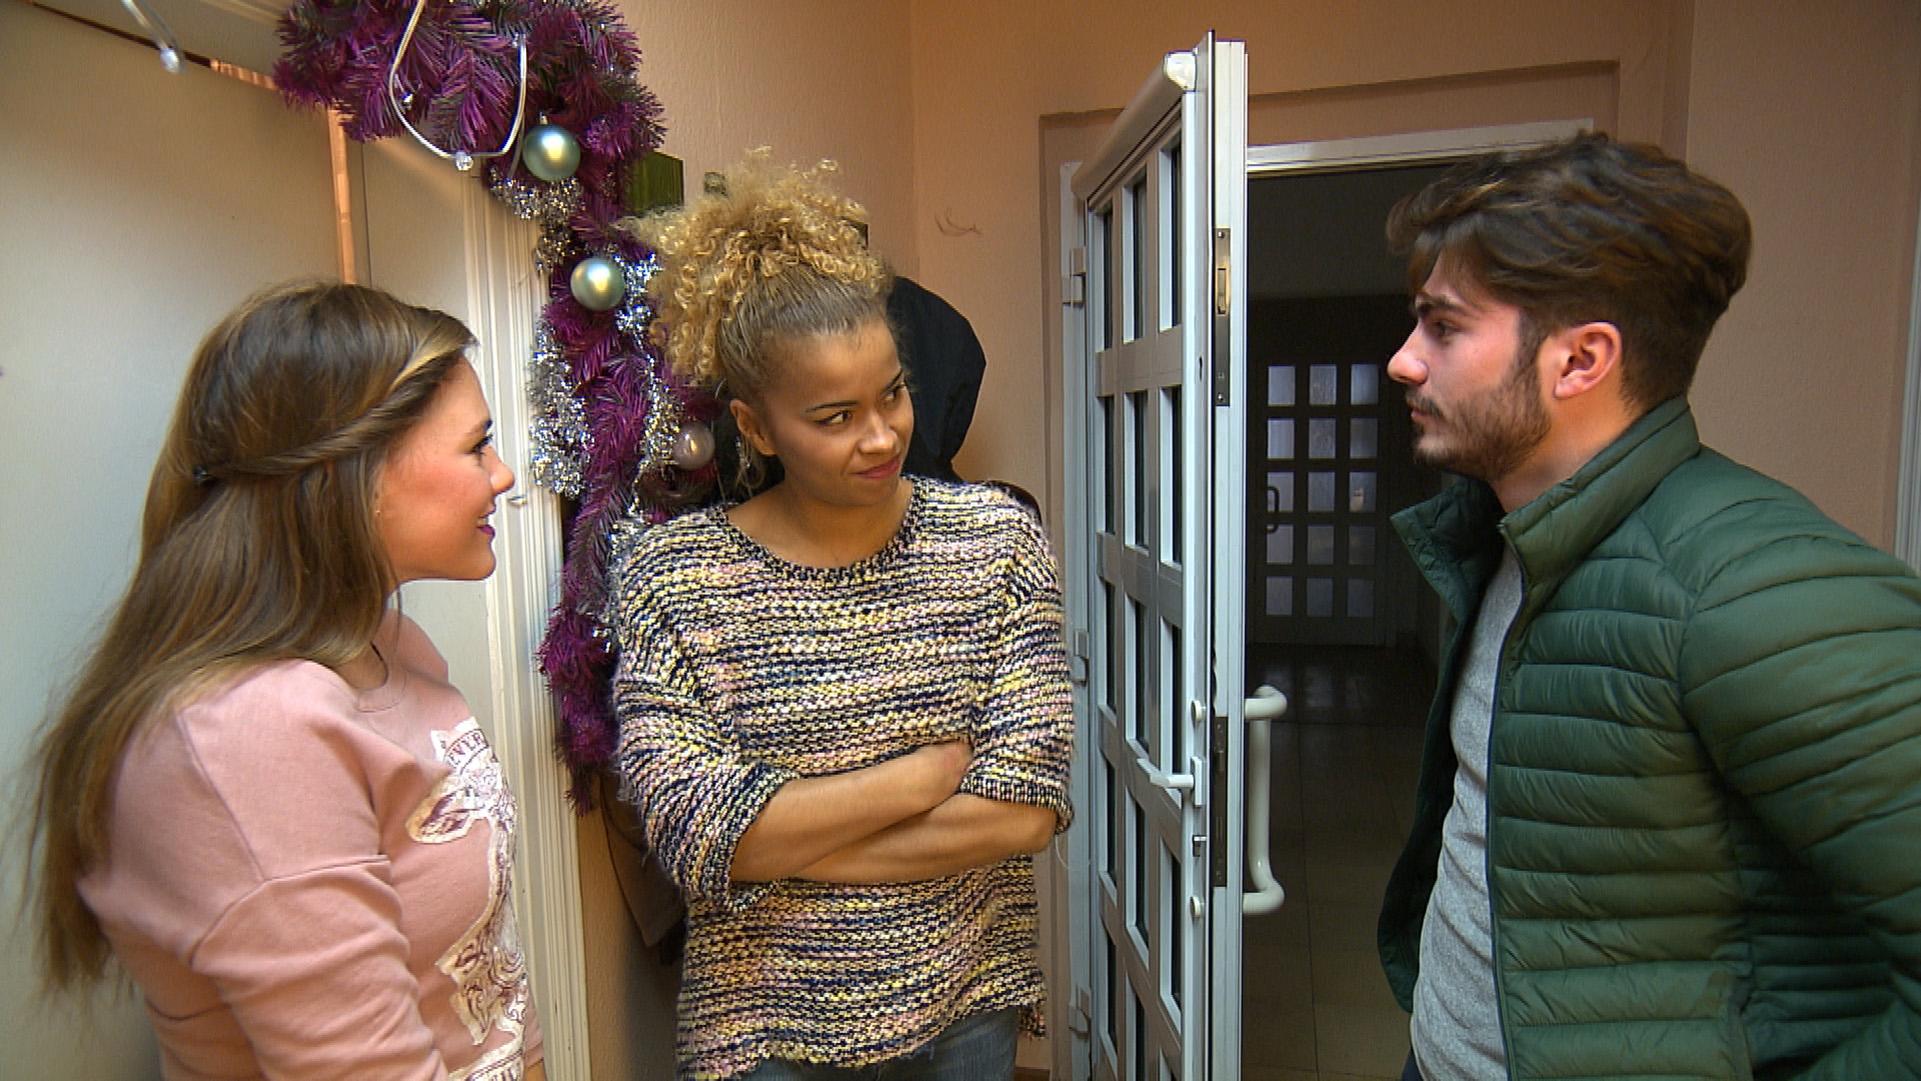 Sam (Mitte) kommt in arge Bedrängnis, als Fil sie morgens zu einem Ausflug abholen will und Anna (li.) sich auch dazu einlädt... (Quelle: RTL 2)